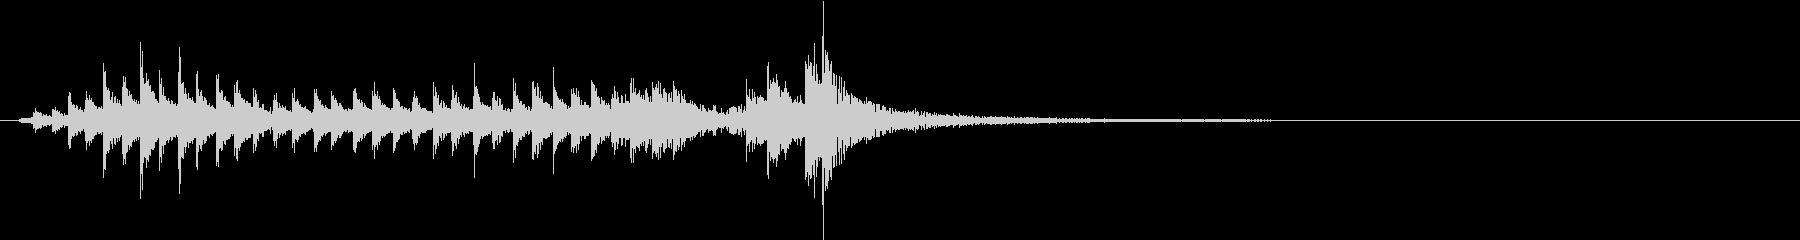 ティンバリ:2つのドラムロール、ド...の未再生の波形